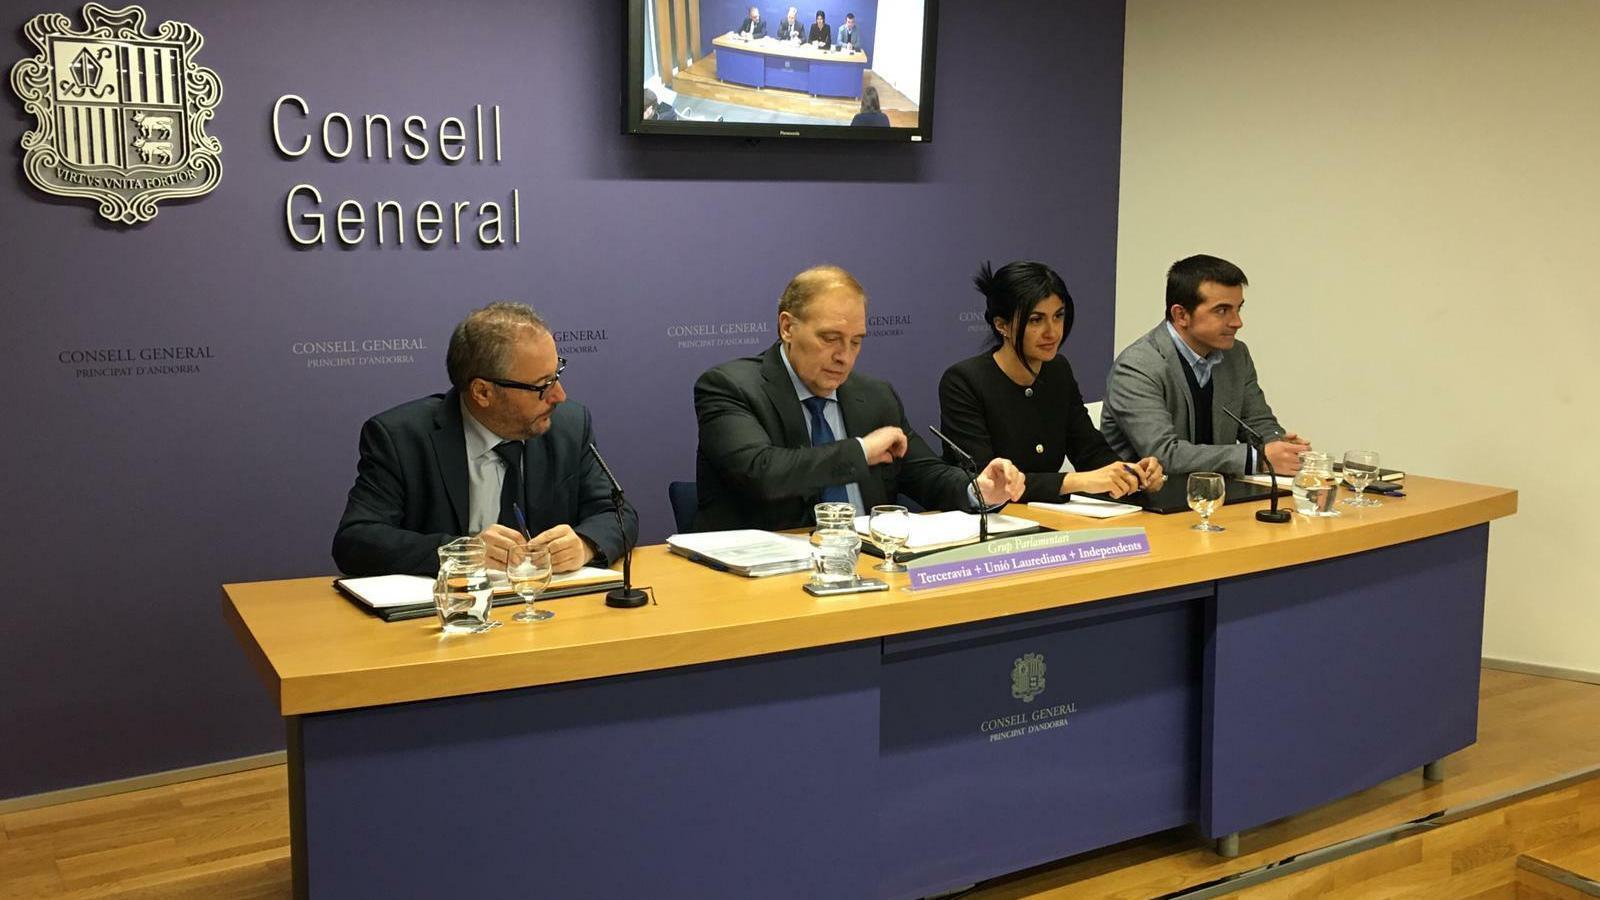 Els consellera generals de Terceravia+UL+I durant la presentació de les esmenes al pressupost. / M. P.